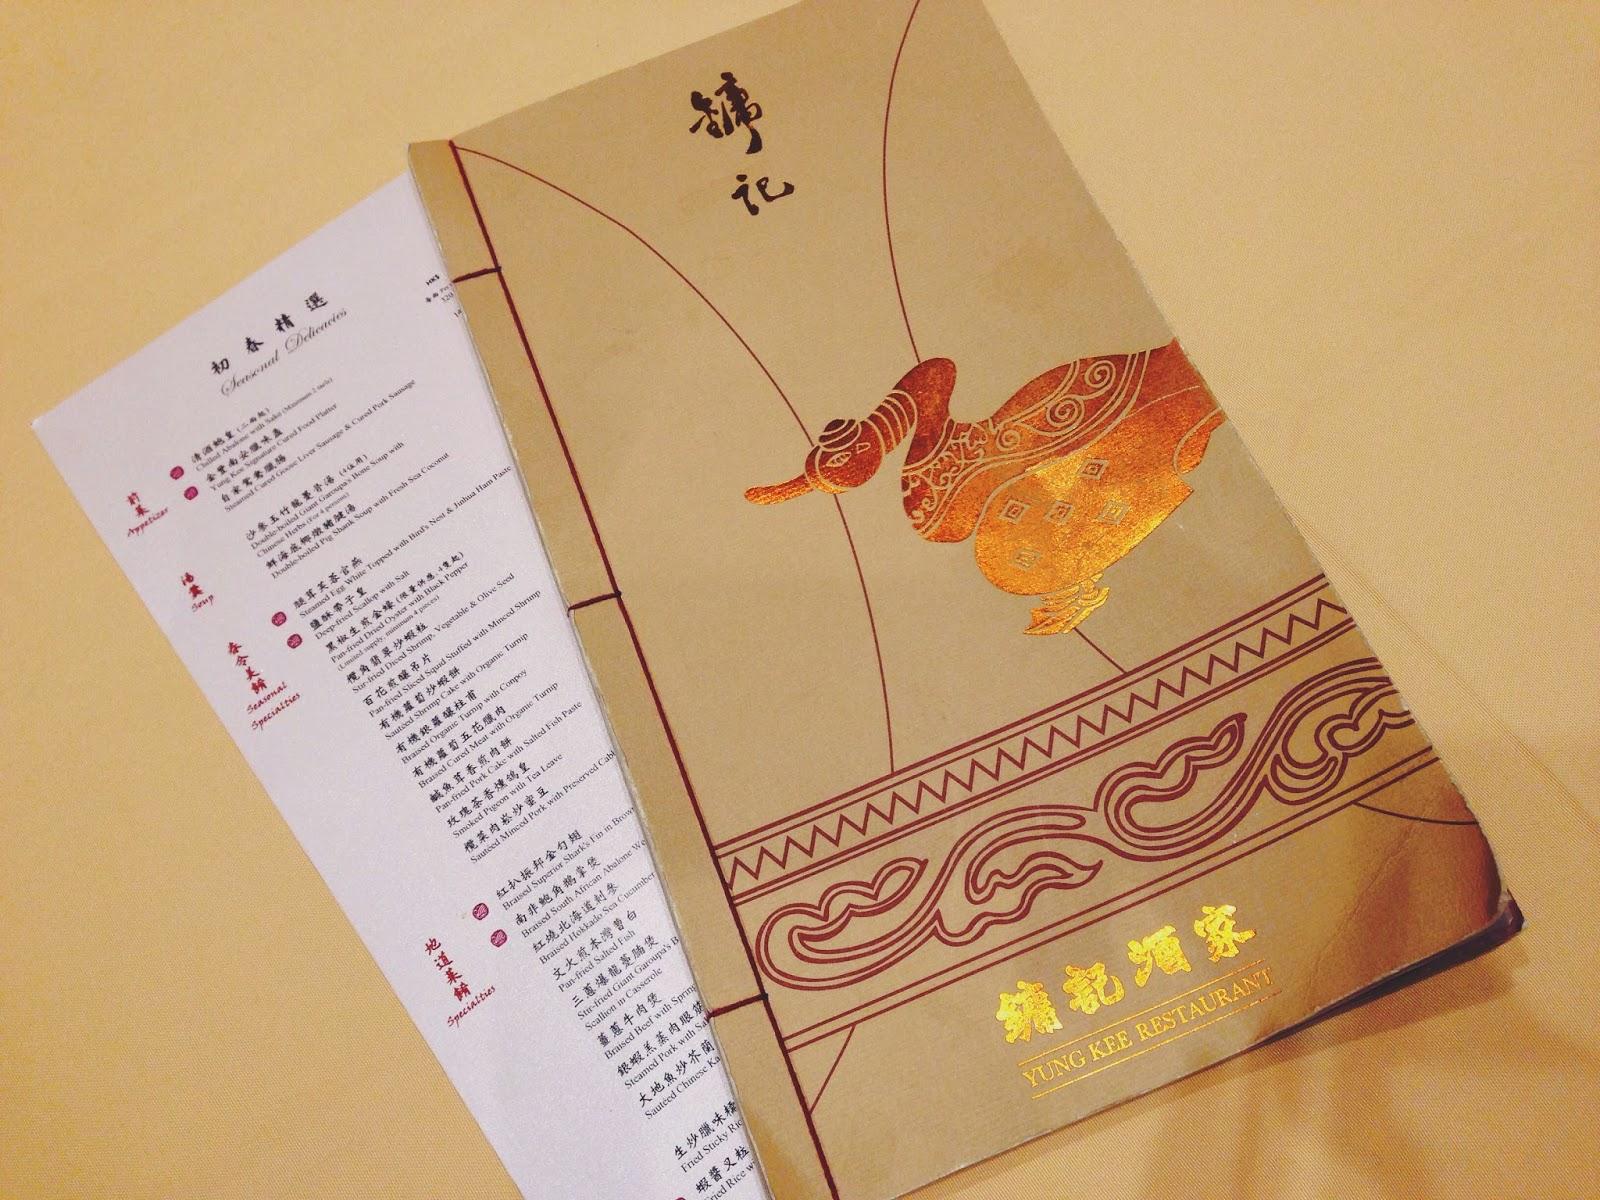 Yung Kee Restaurant Hong Kong Menu